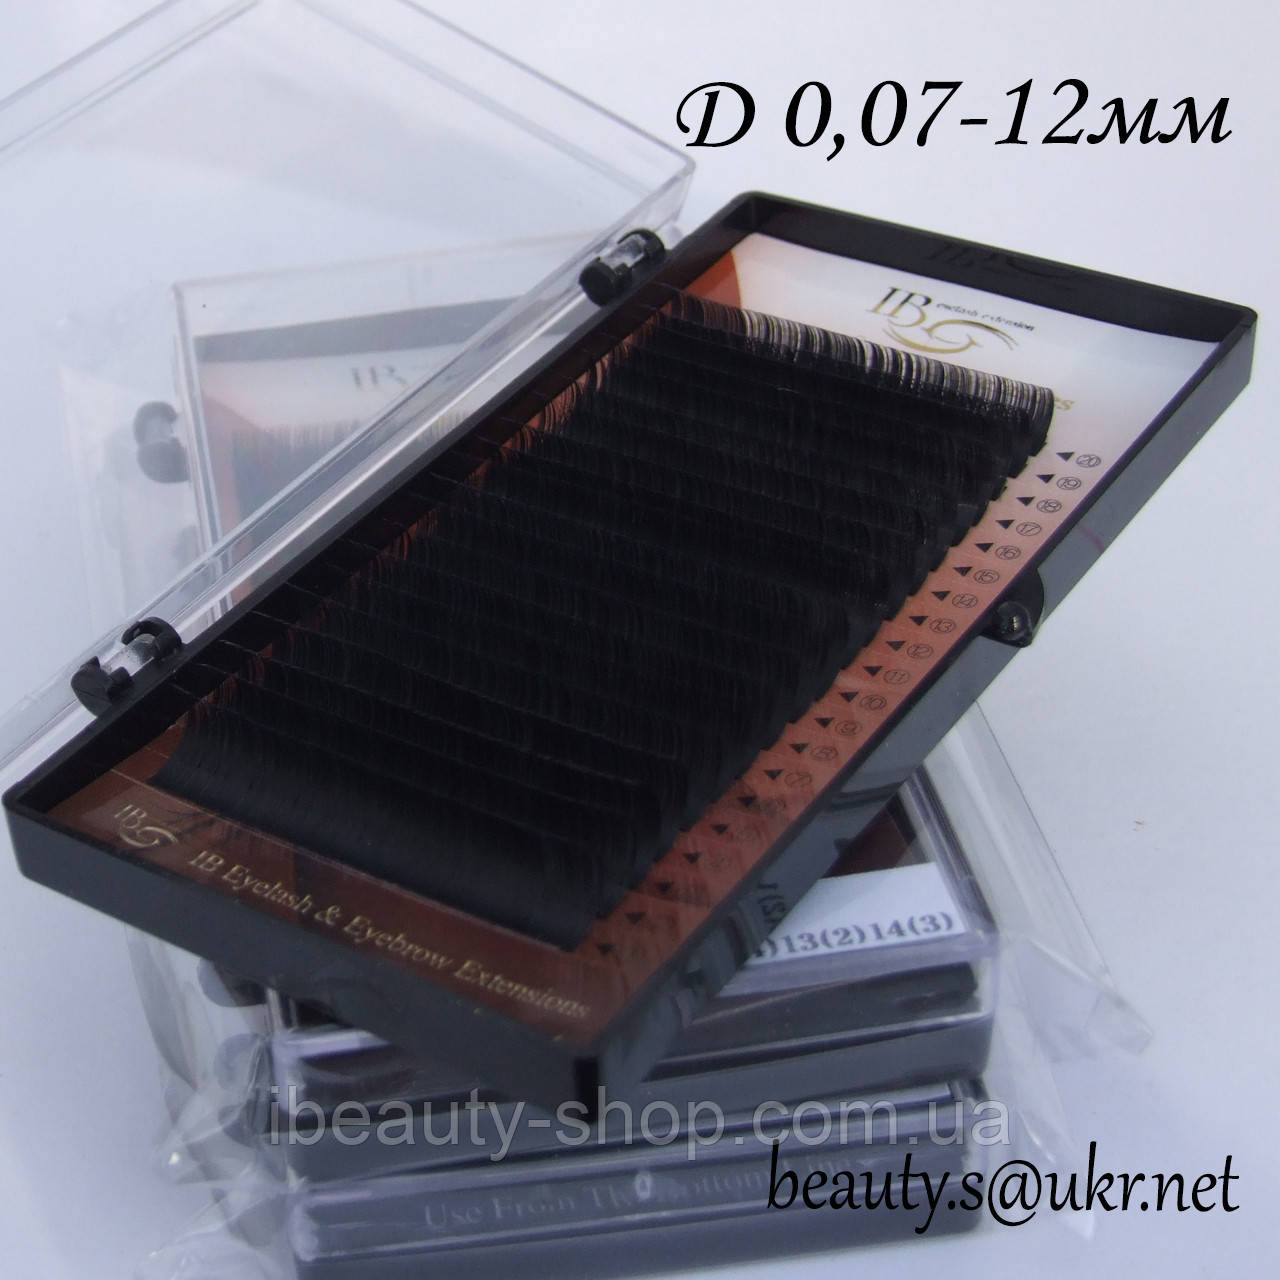 Ресницы  I-Beauty на ленте D-0,07 12мм